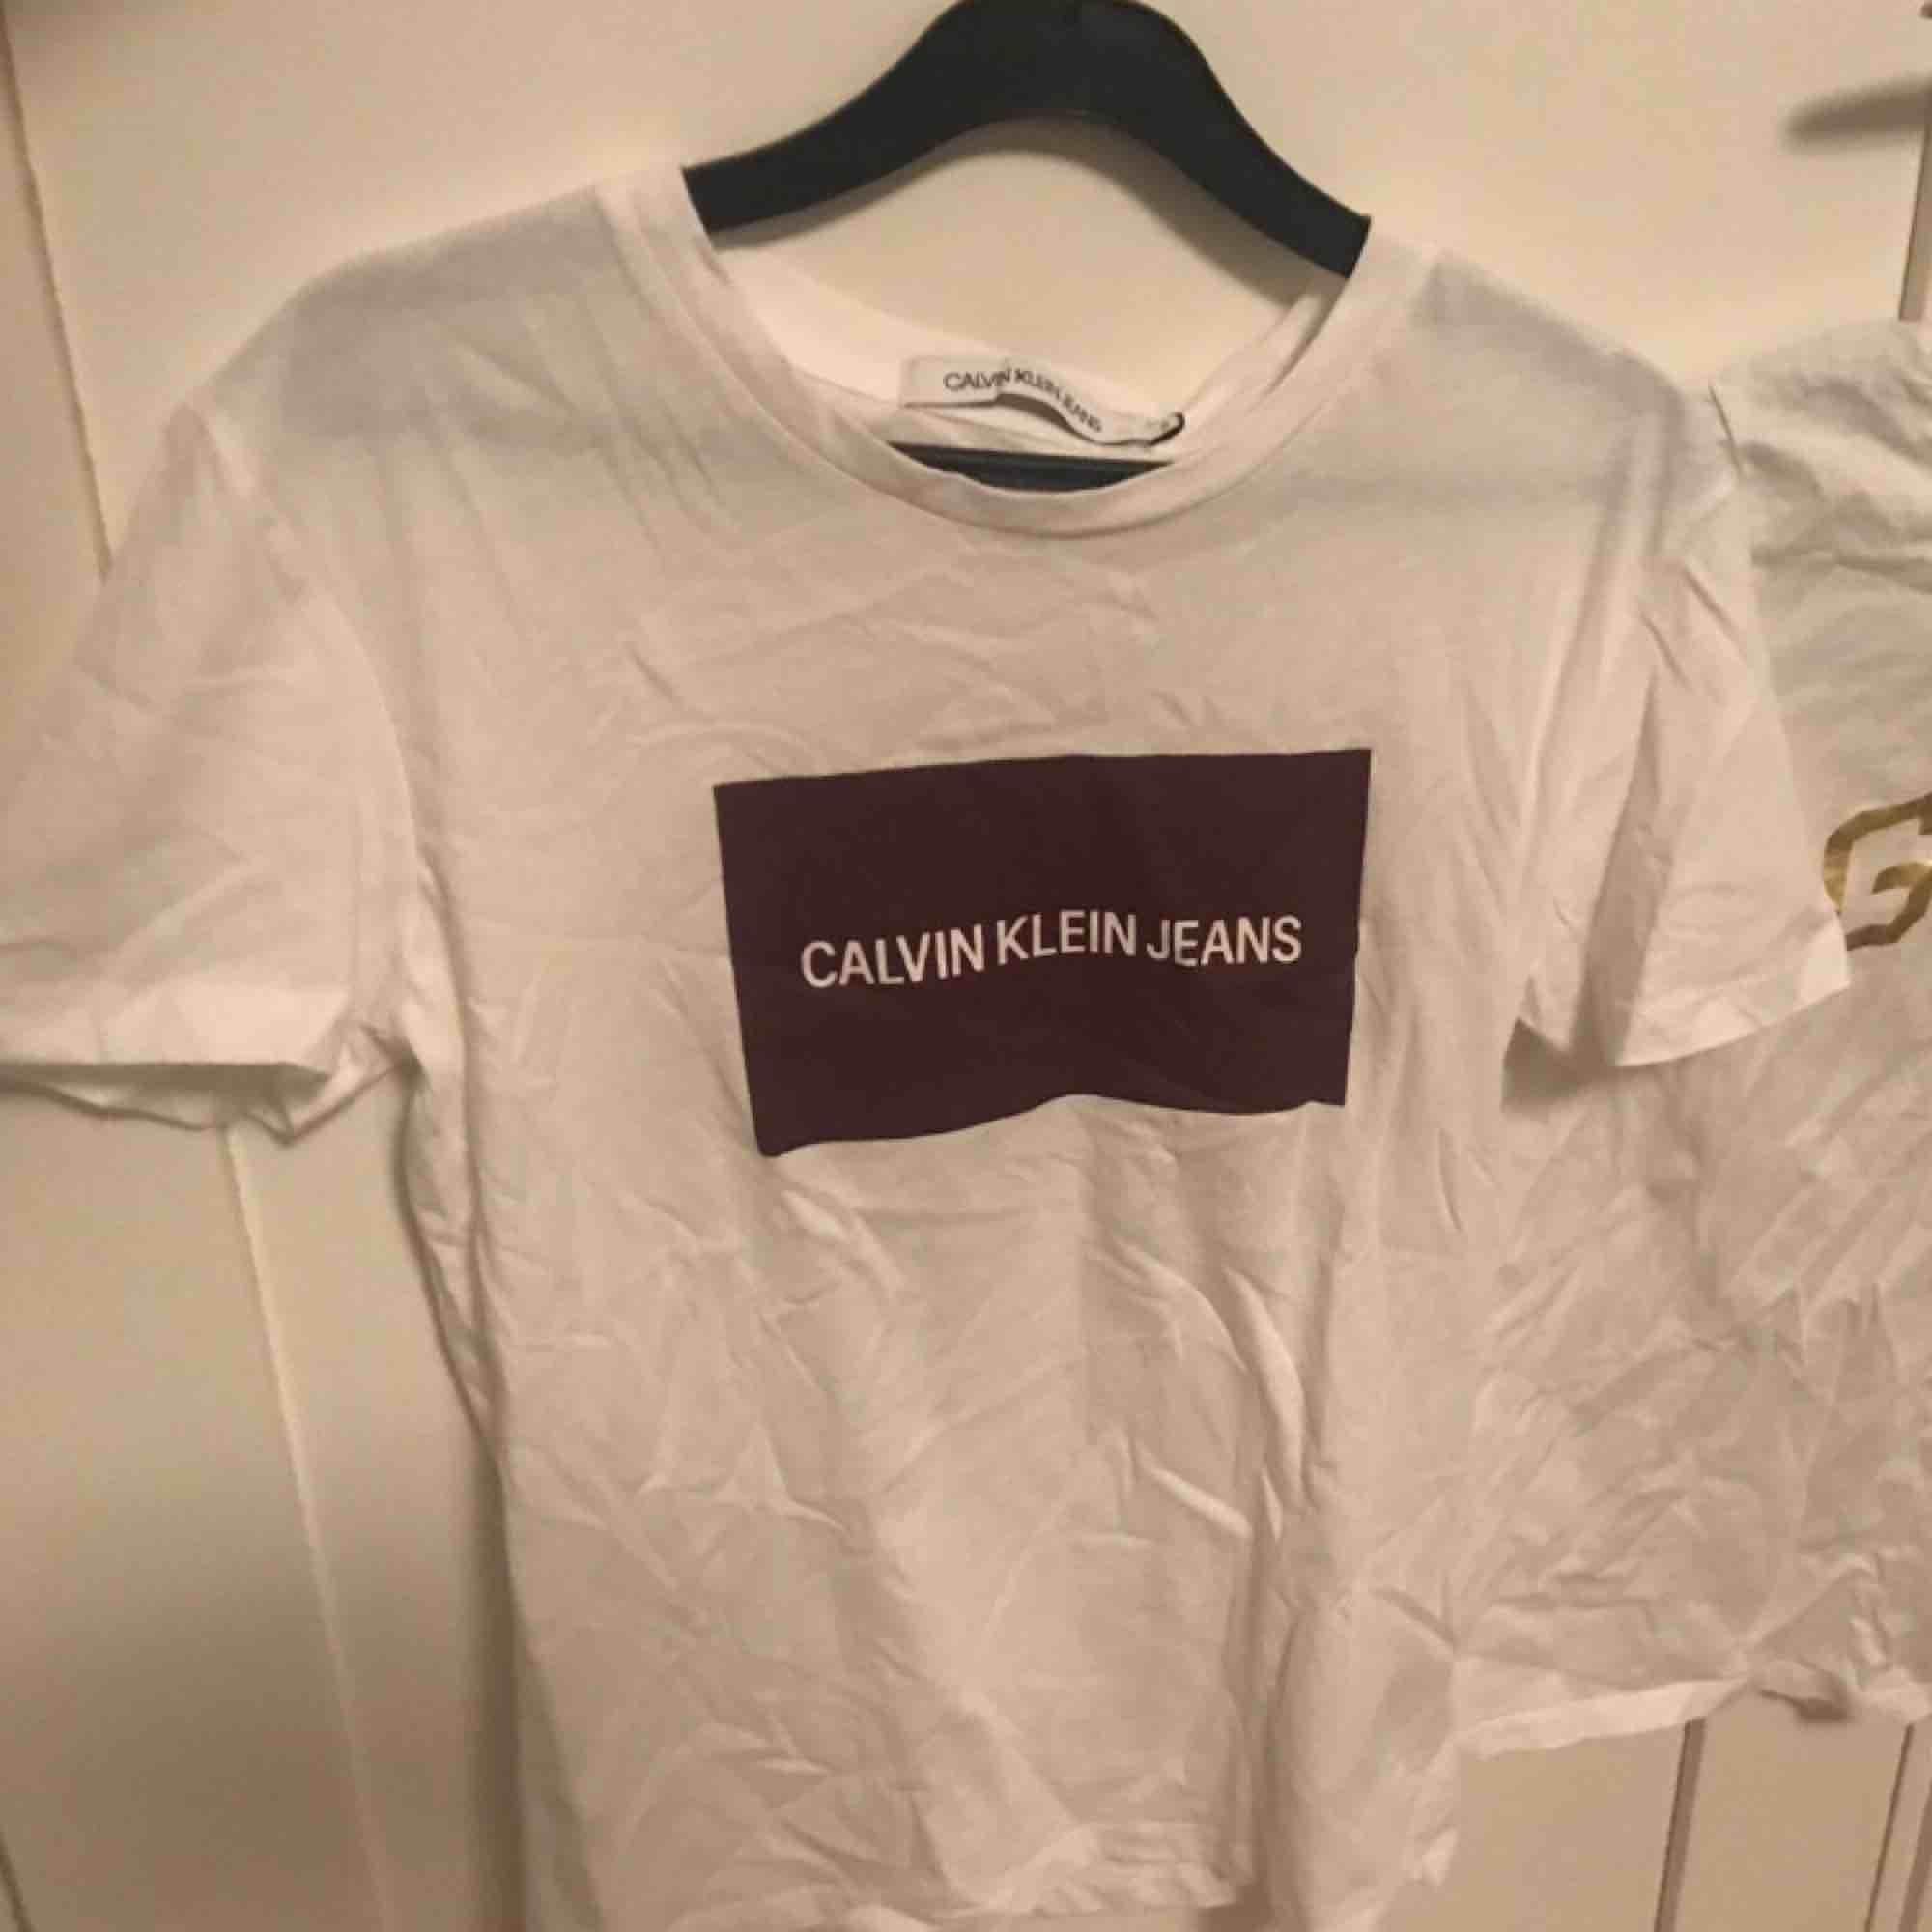 Storlek S  Aldrig använd  Legat i garderoben ett tag och därför är den lite skrynklig  Självklart äkta . T-shirts.